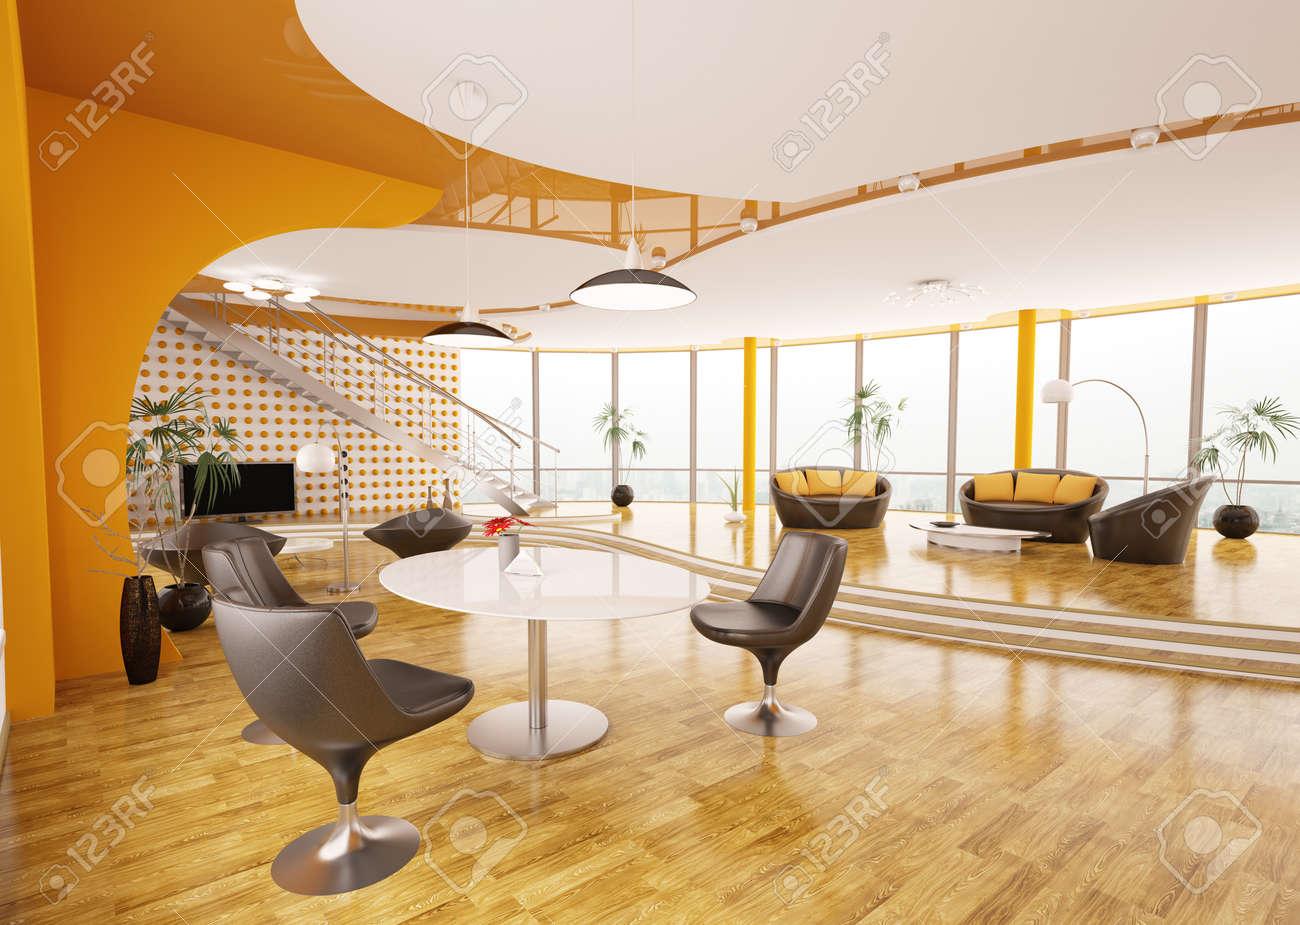 Interieur Design Moderner Wohnung Urbanen Stil | knutd.com